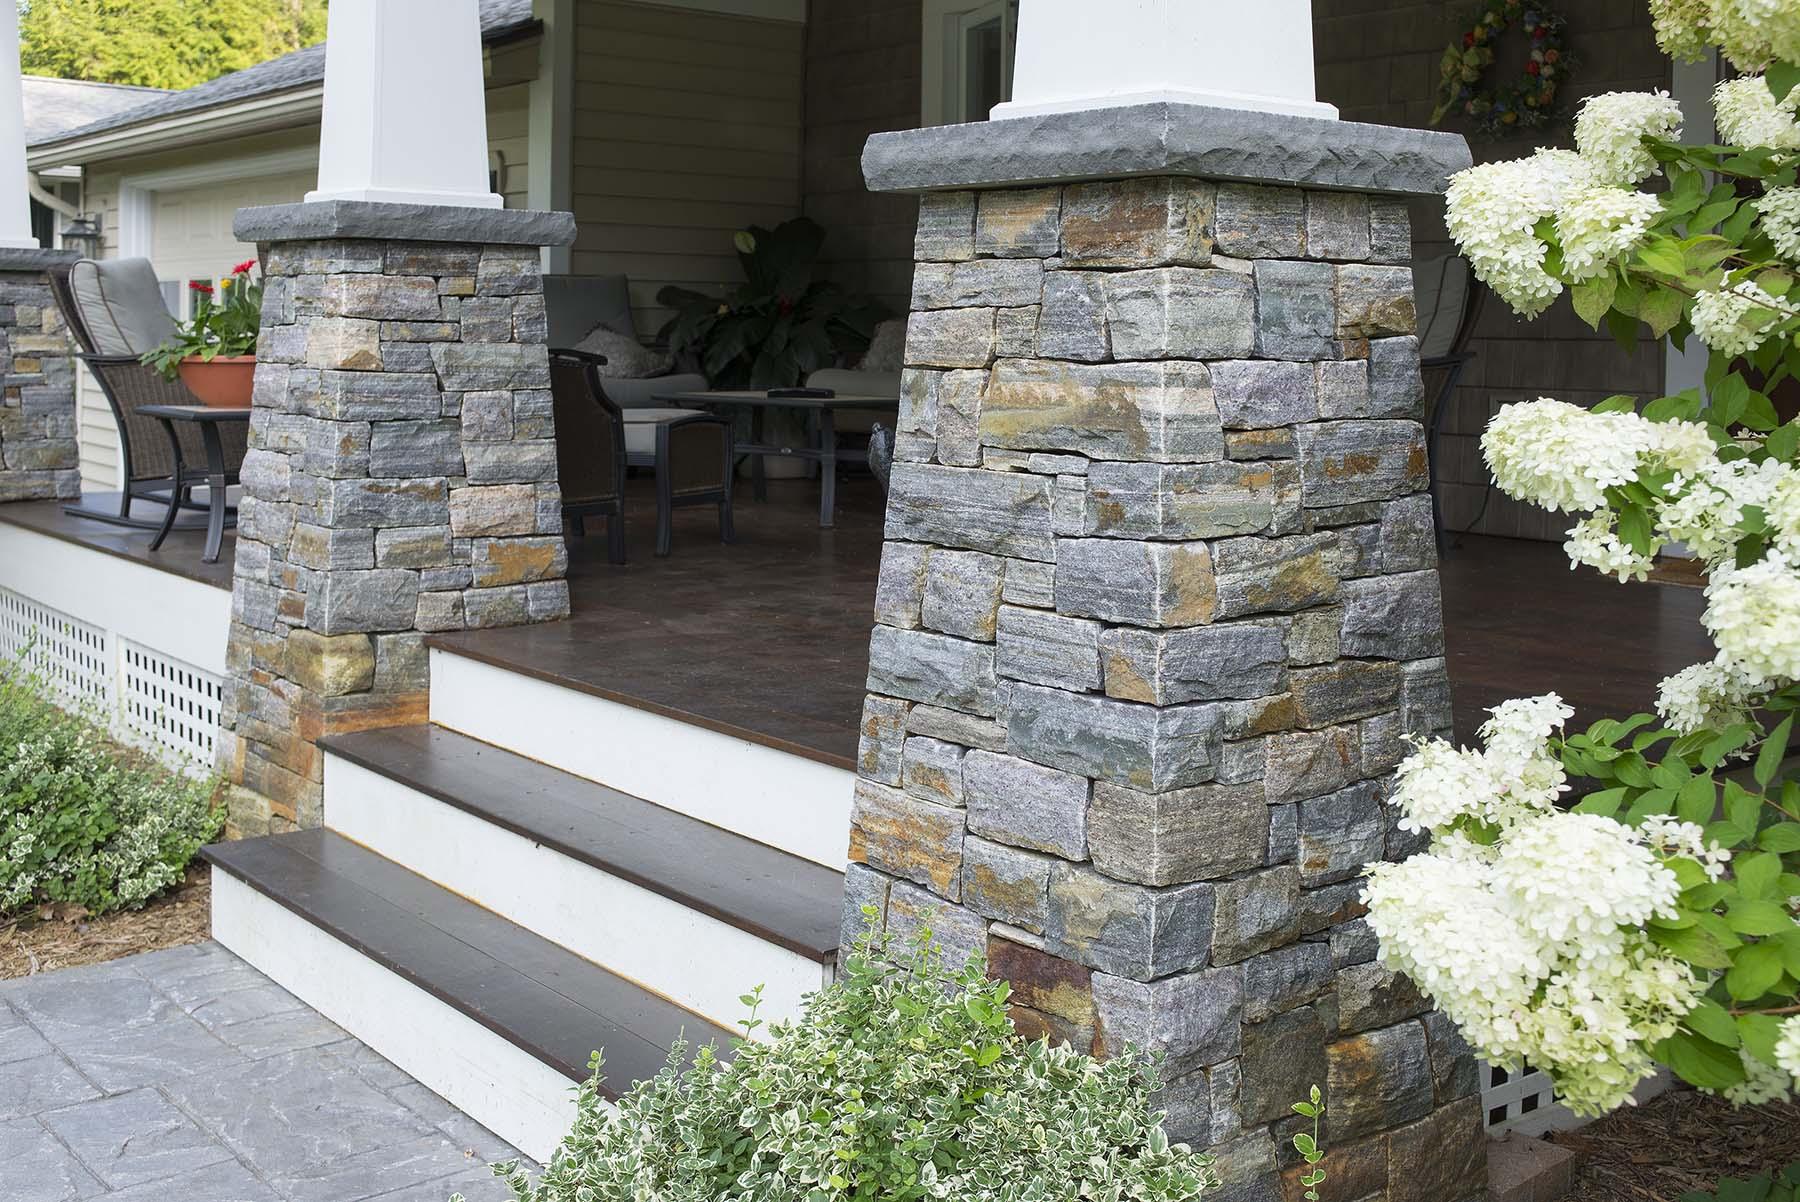 saratoga granite natural stone columns for porch